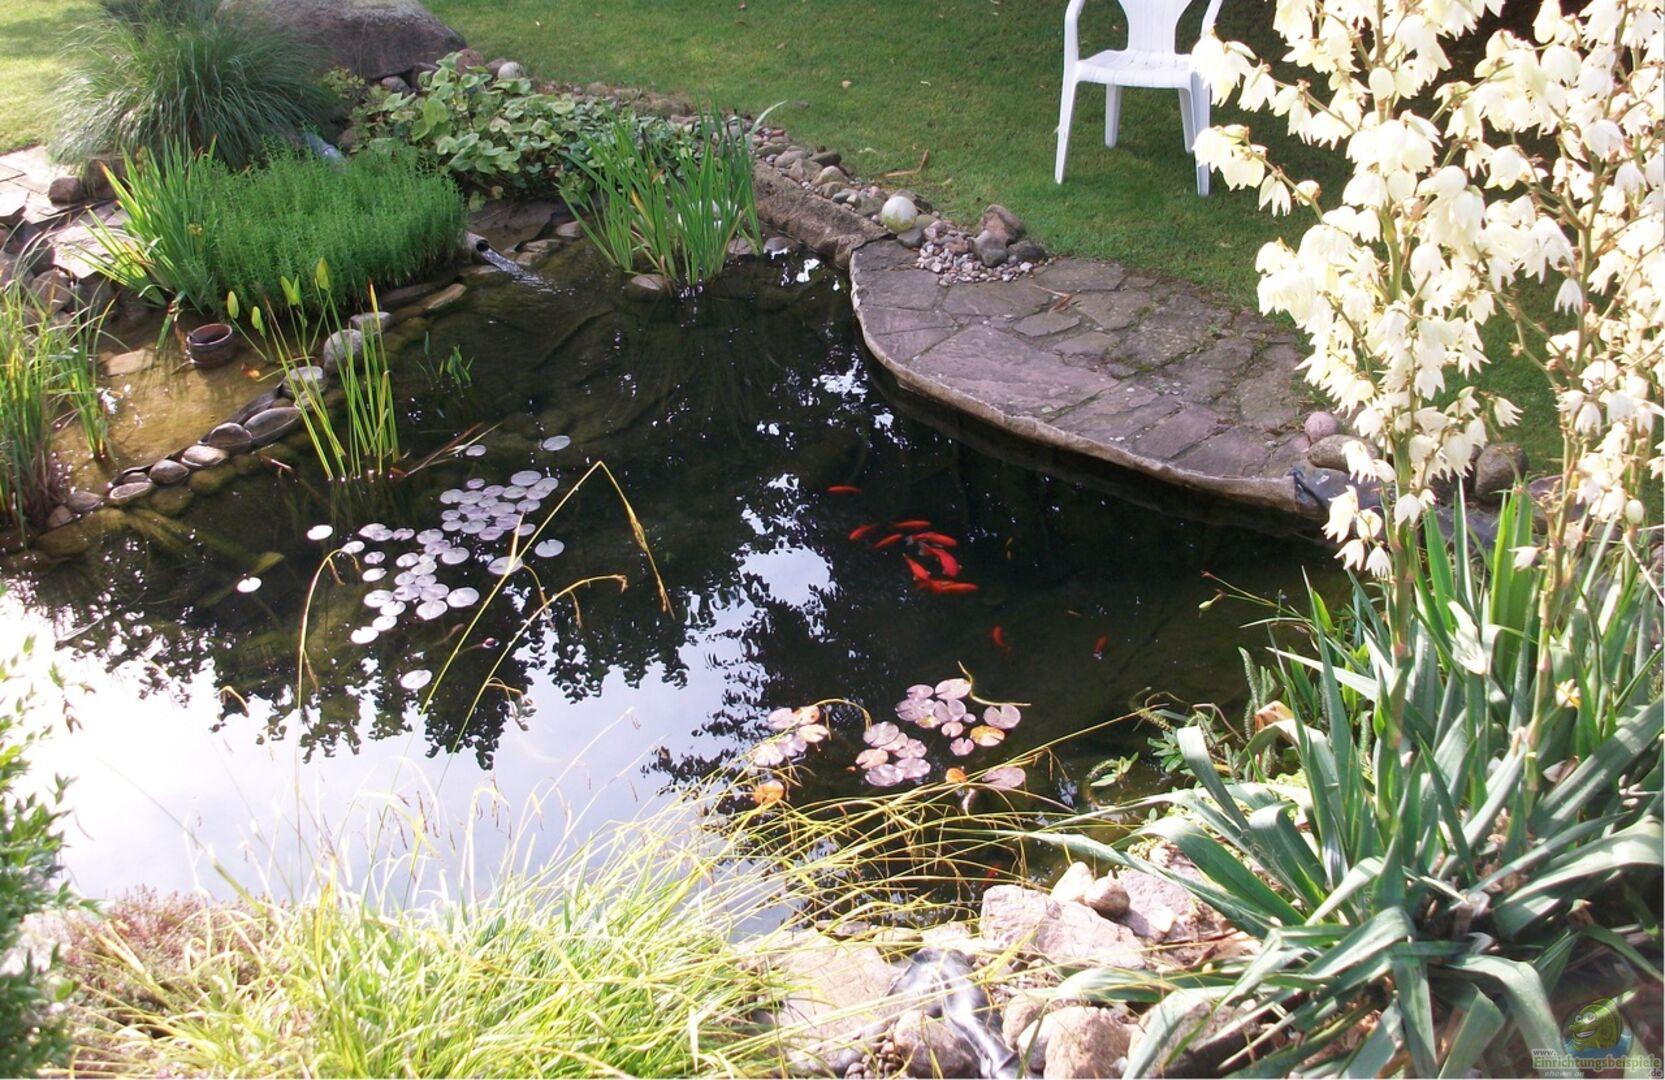 Teich jetzt im sommer von oben inzwischen m ssen einige for Zierfische im teich